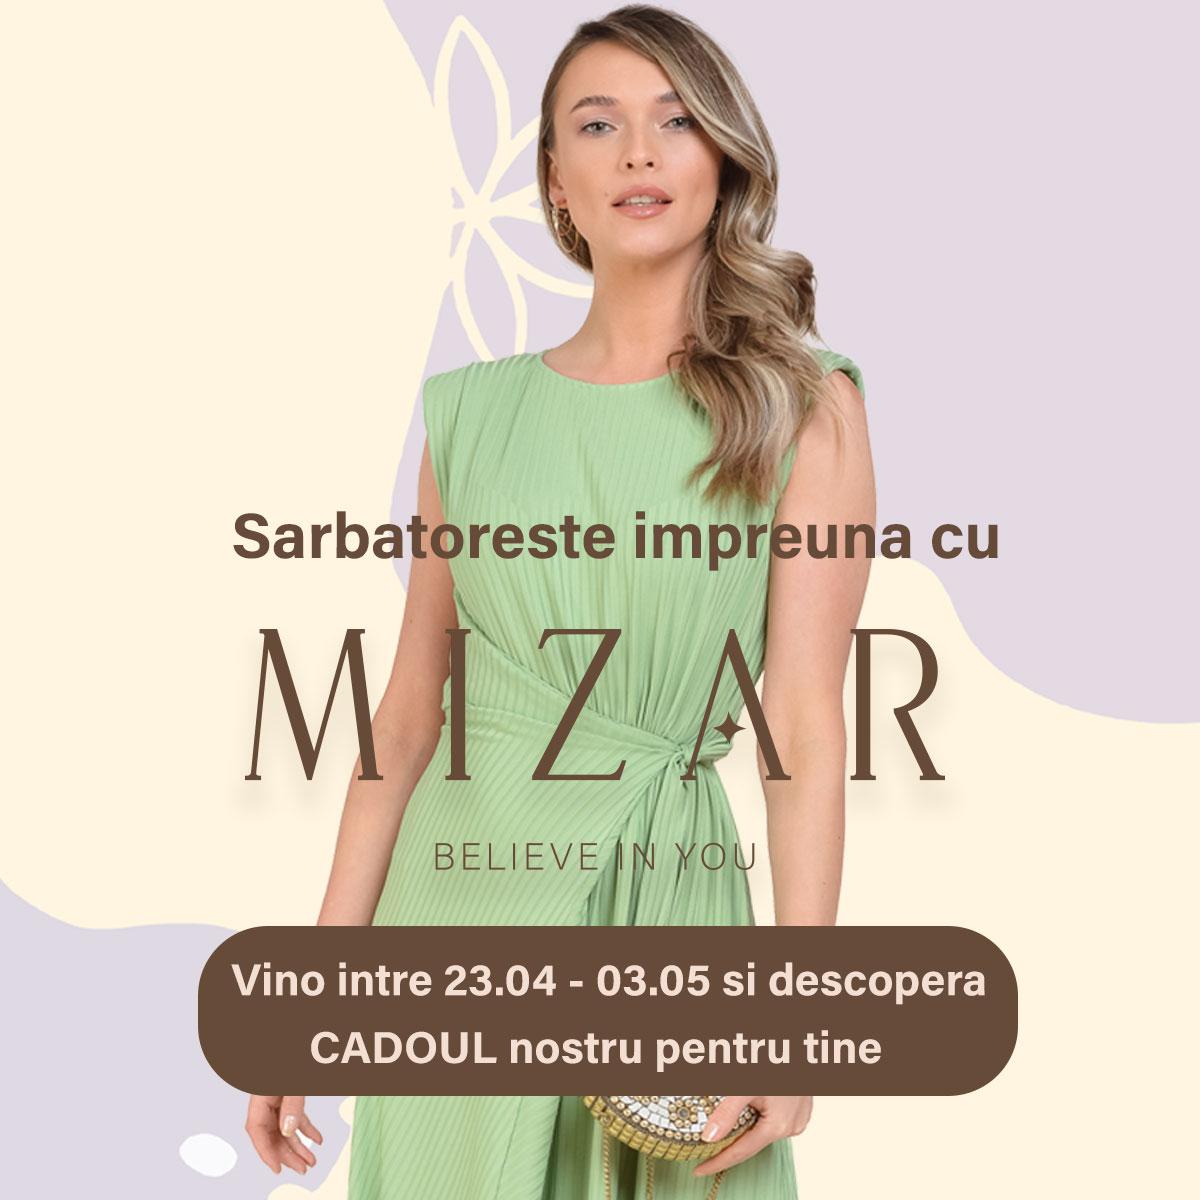 oferte speciale Mizar